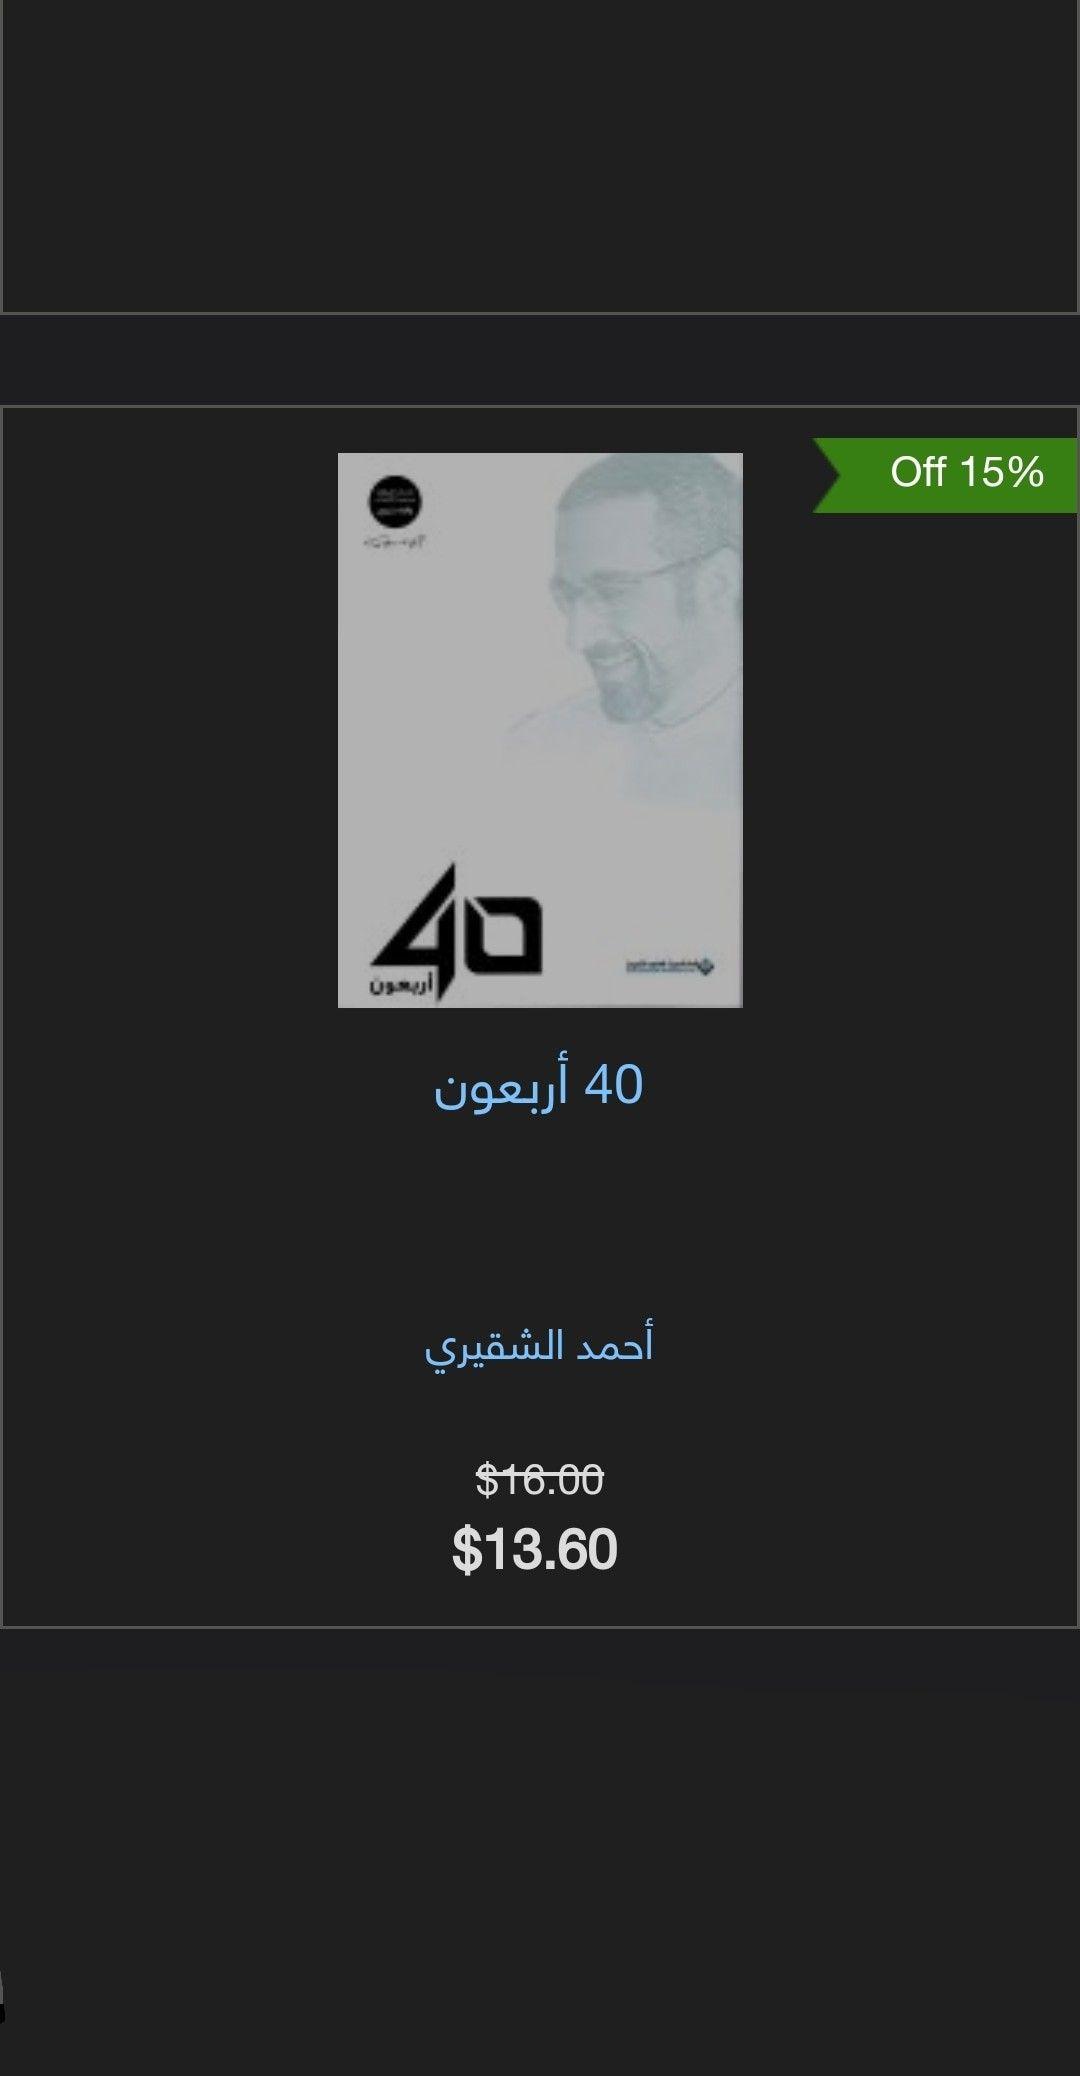 تخفيض 11 على كتاب أربعون لأحمد الشقيري Incoming Call Screenshot Incoming Call Gel